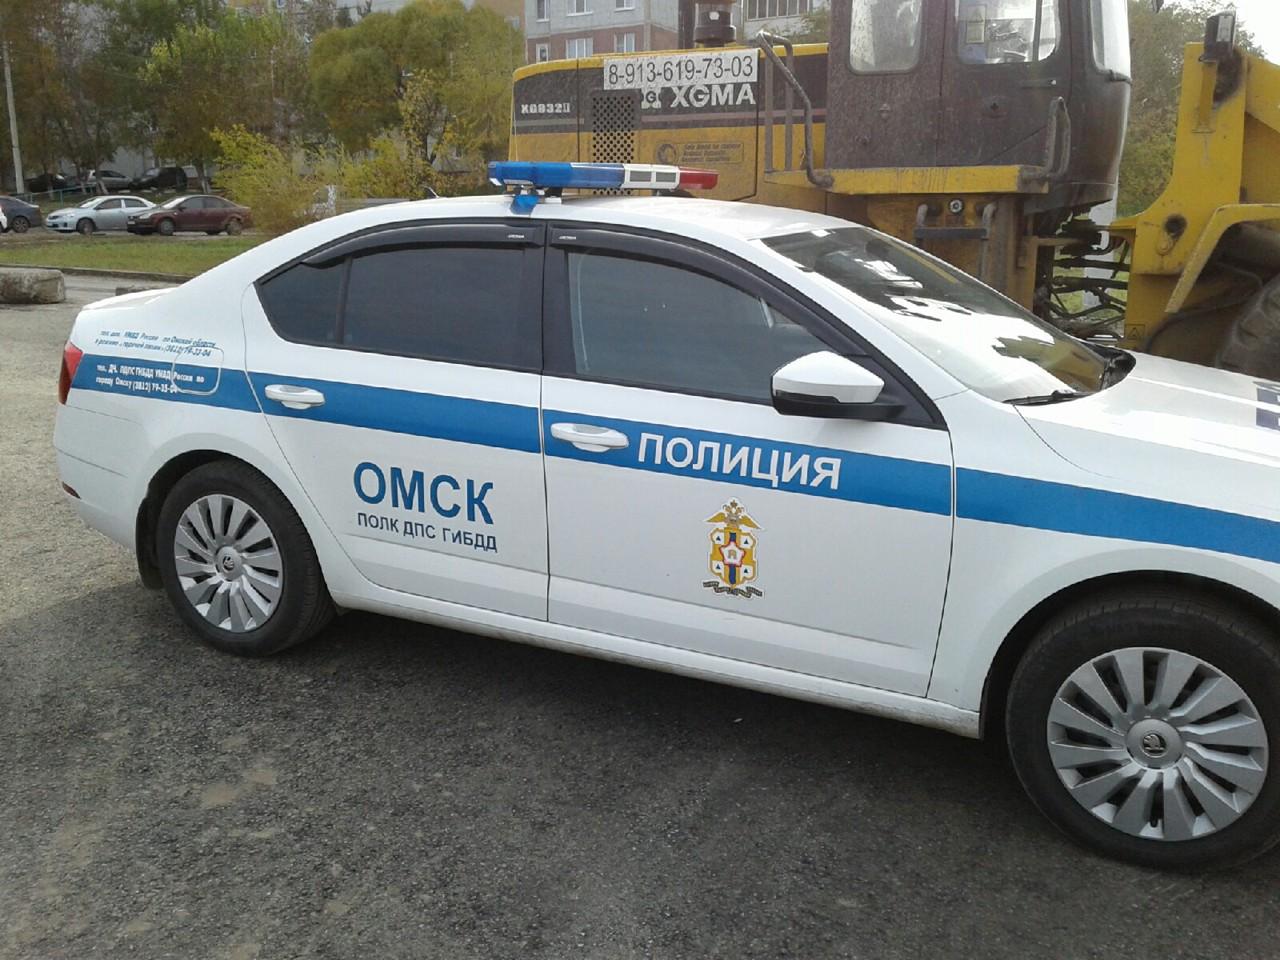 Двое жителей Омской области погибли от удара током после ДТП #Омск #Общество #Сегодня